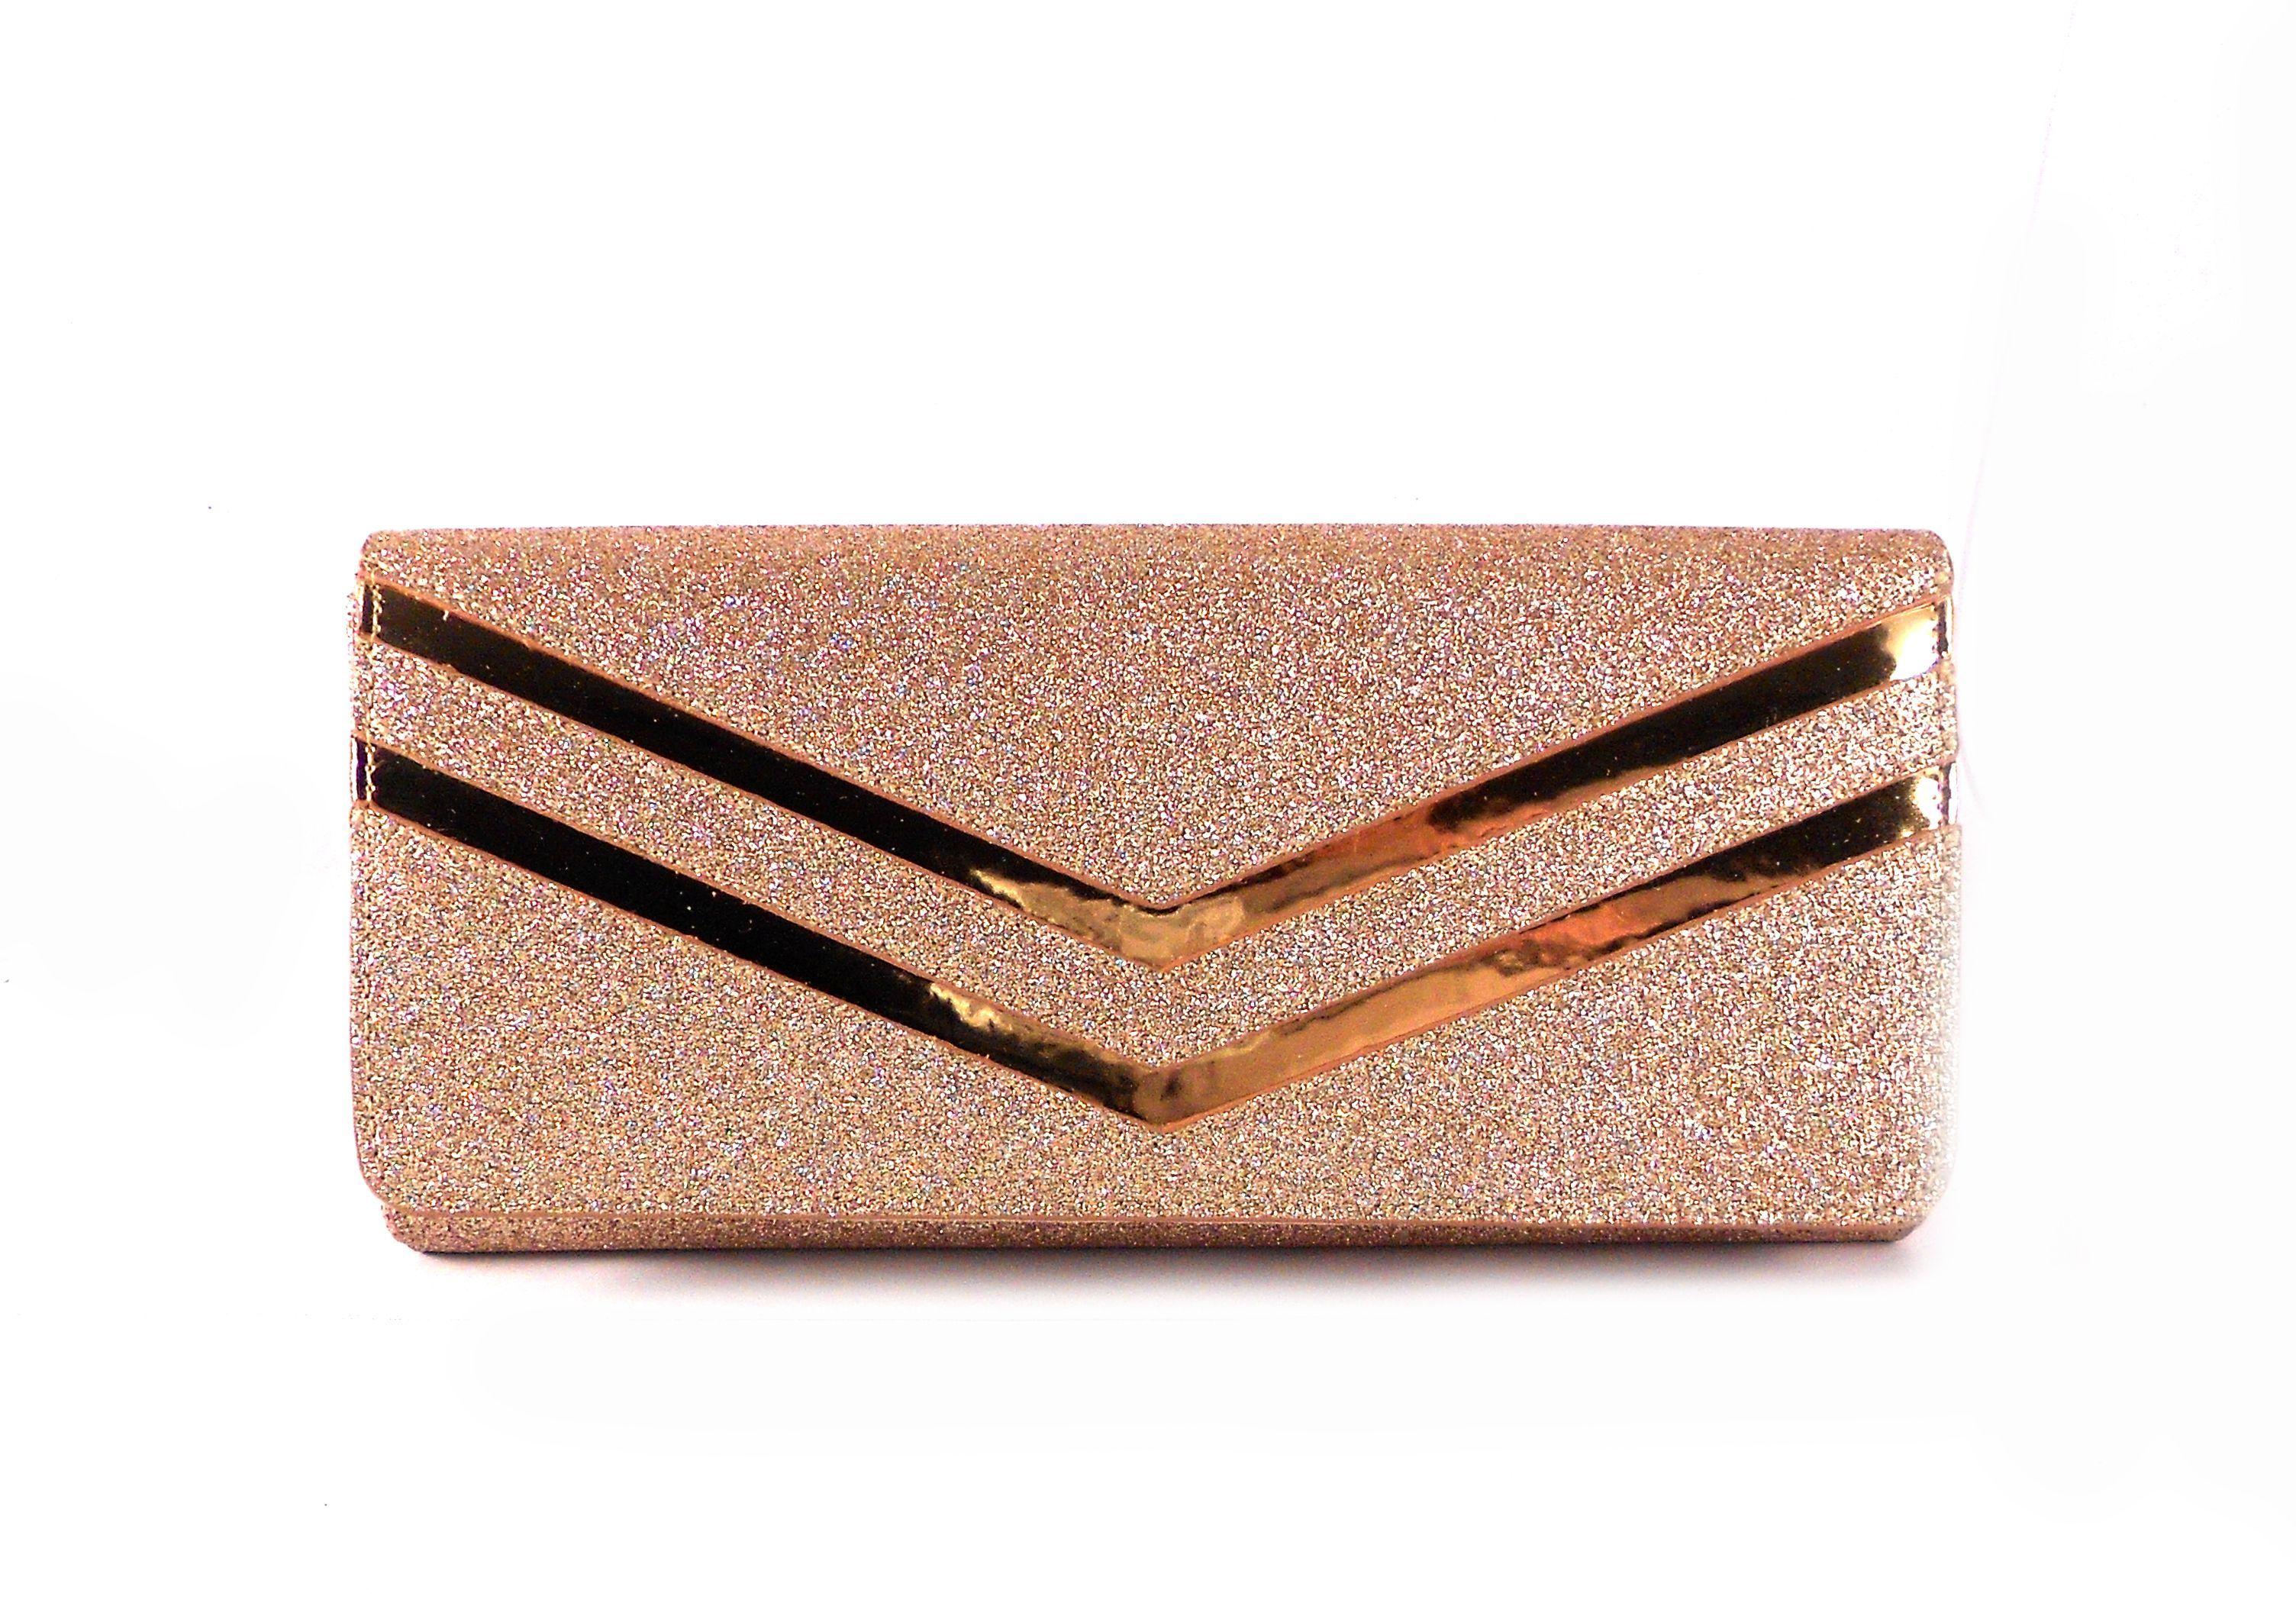 62b9e95b5 Cartera de fiesta E.Ferri rosa glitter con espejo oro